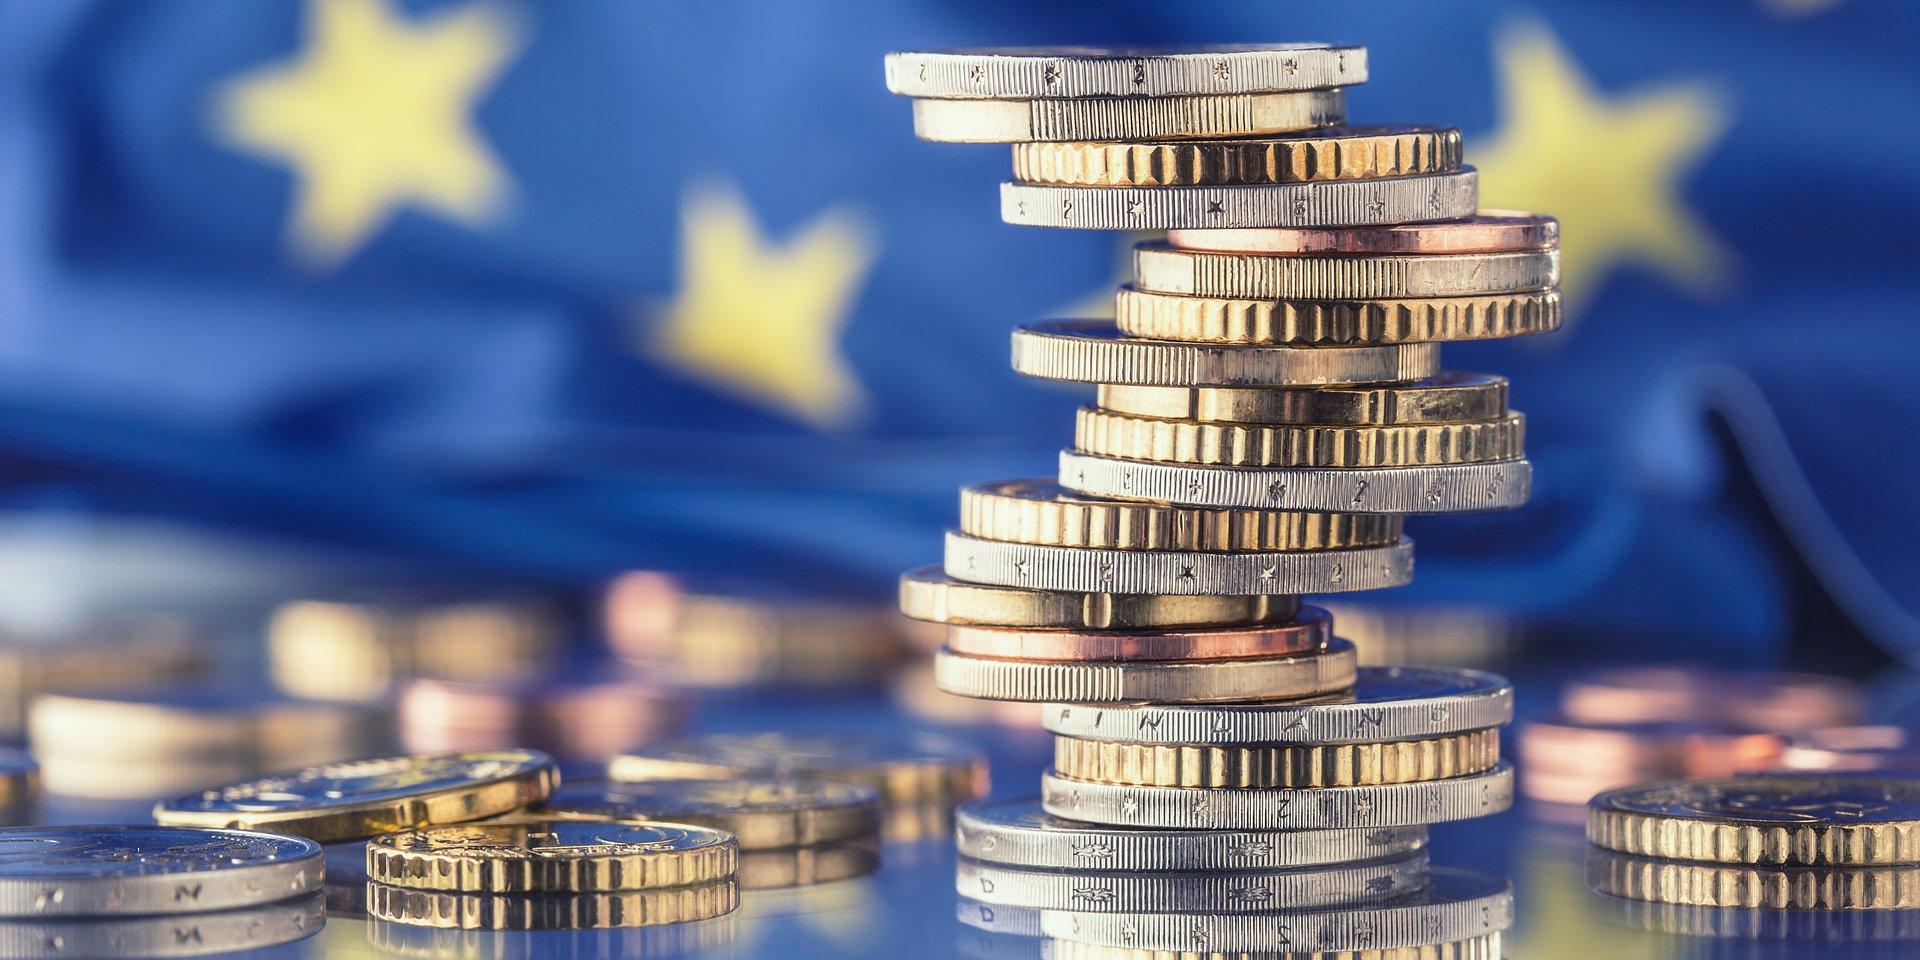 [Tarcza finansowa] Subwencja dla małych i średnich przedsiębiorstw